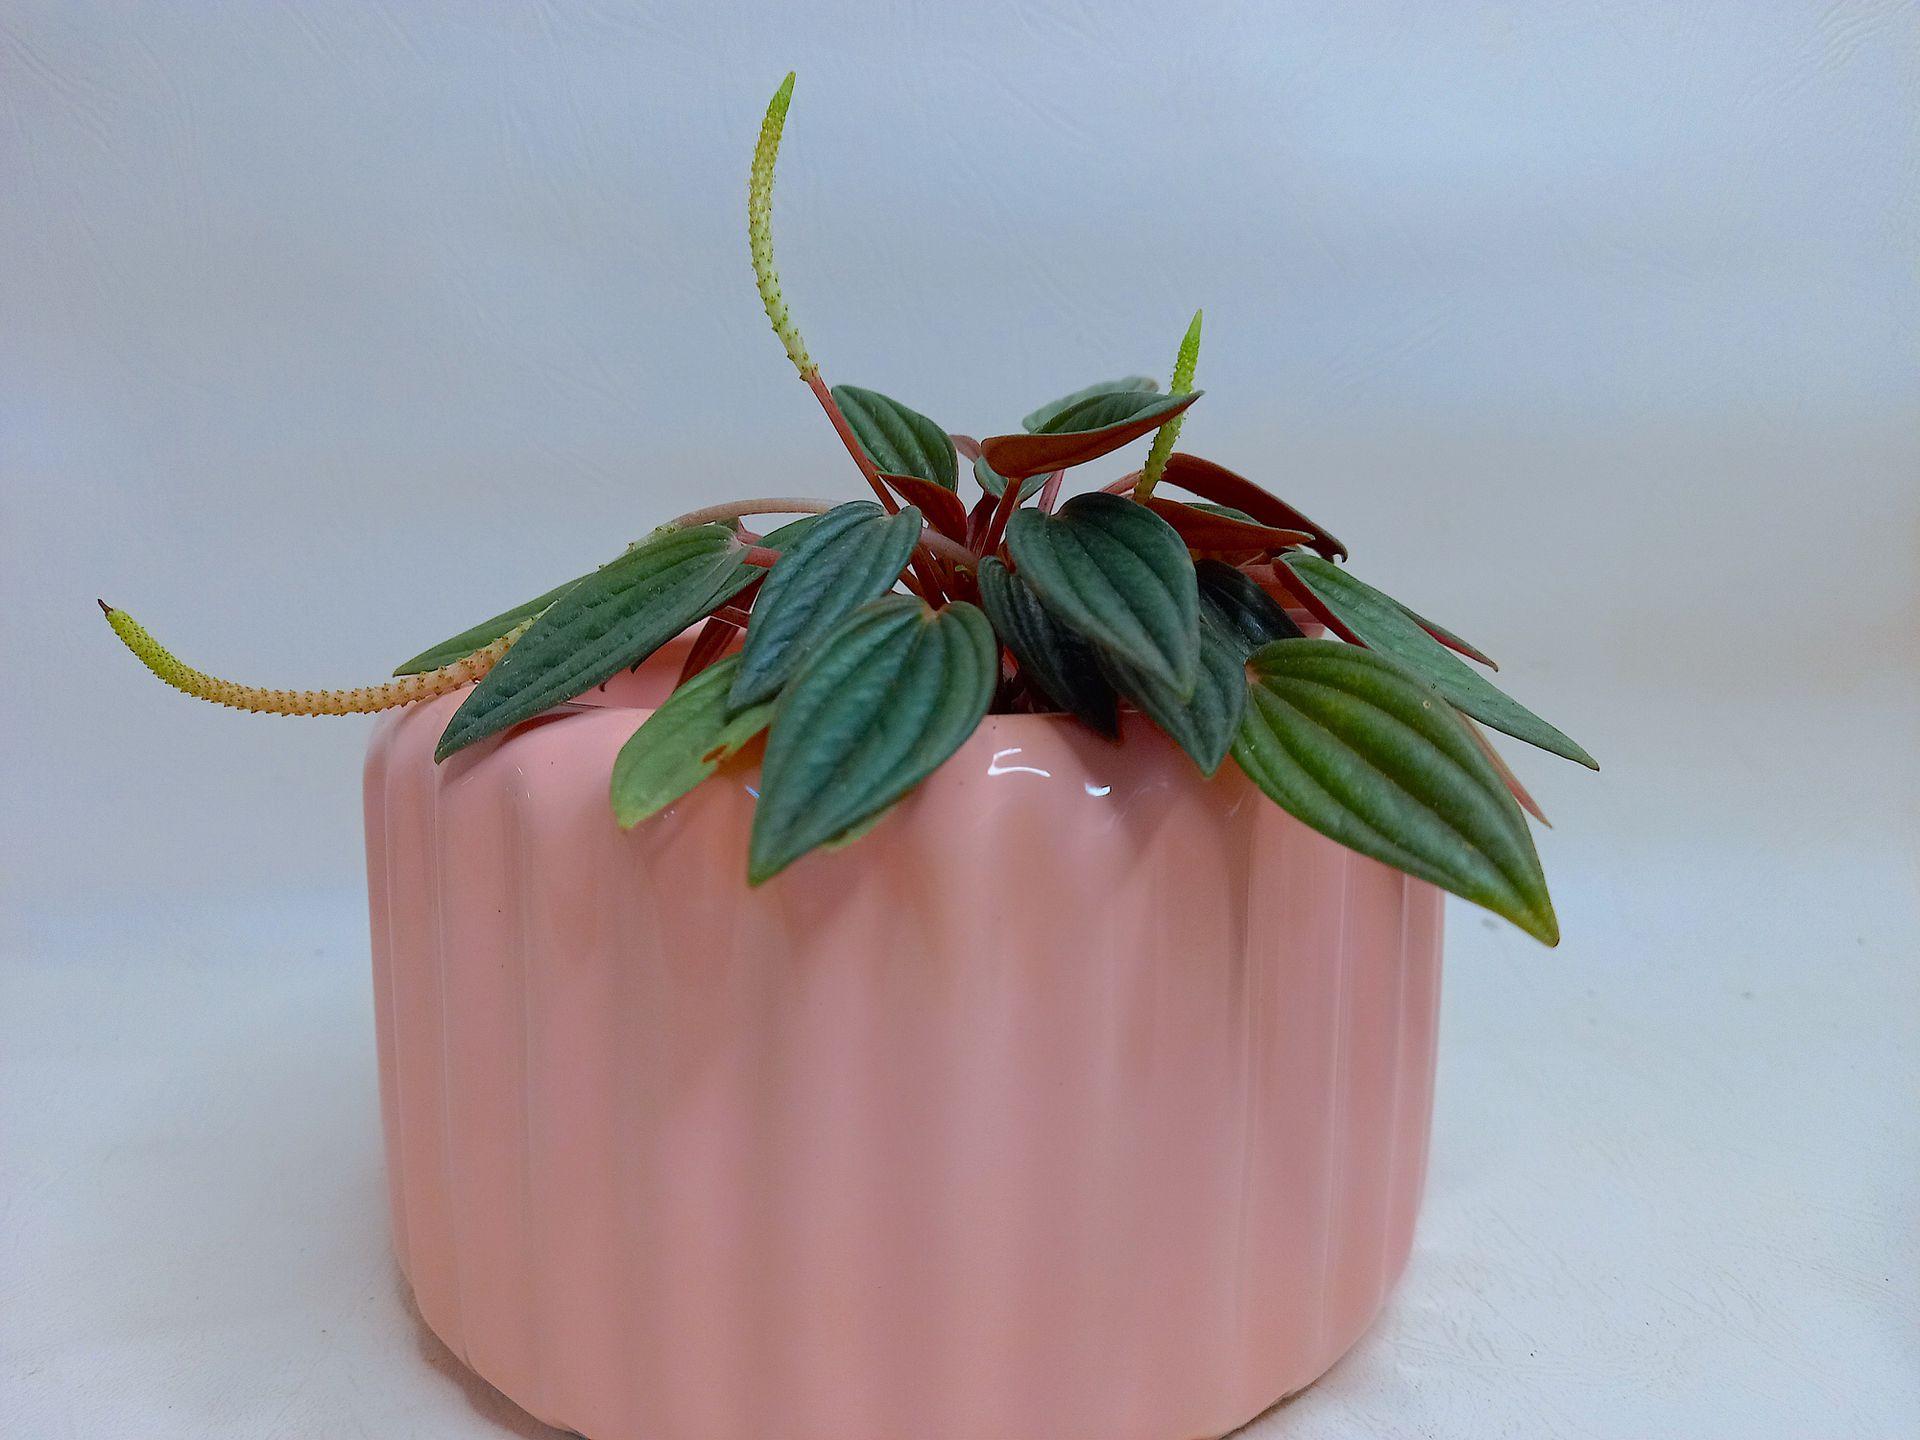 Maceta de cerámica con una Peperomia caperata Rosso.